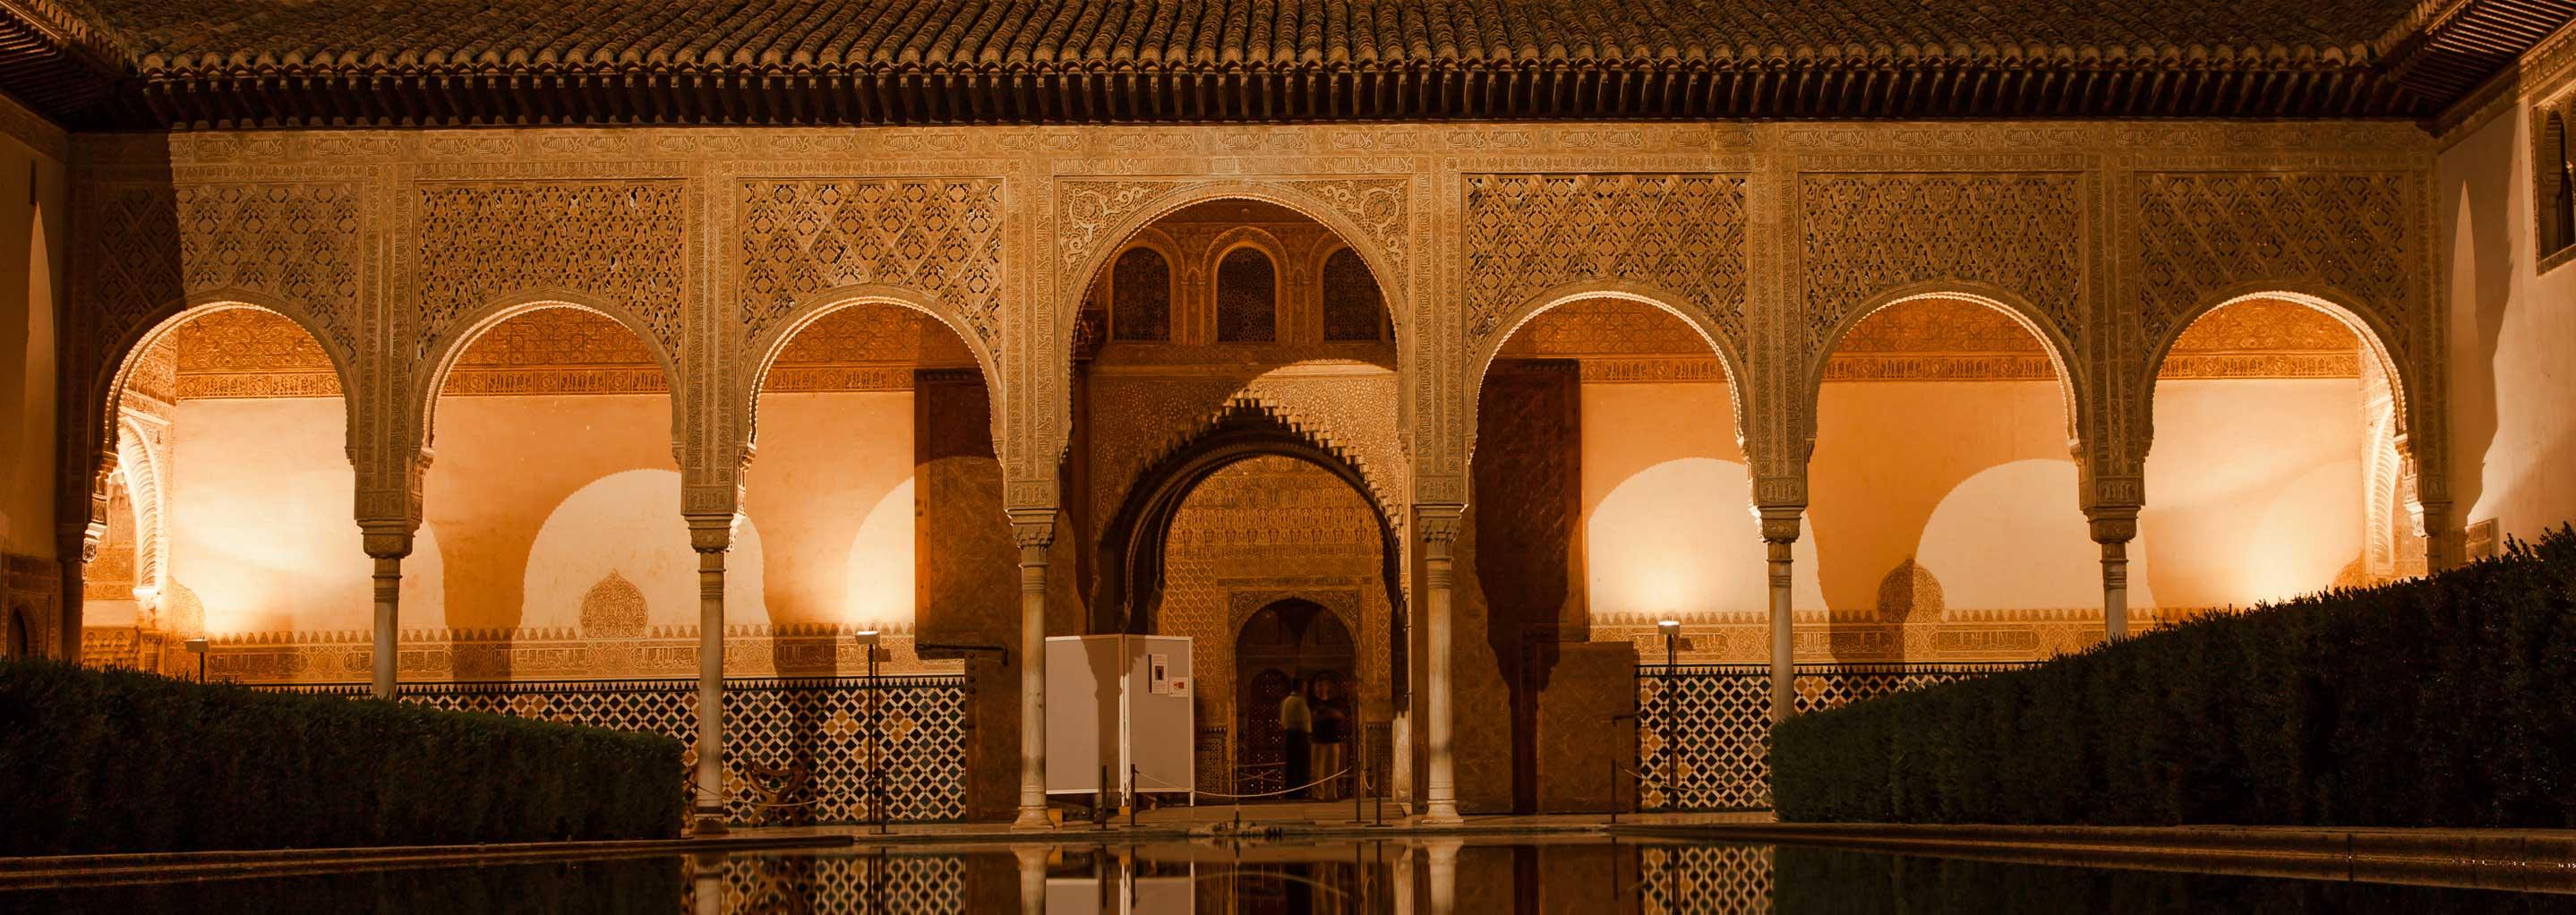 3 Leyendas que no conocas o s de la Alhambra